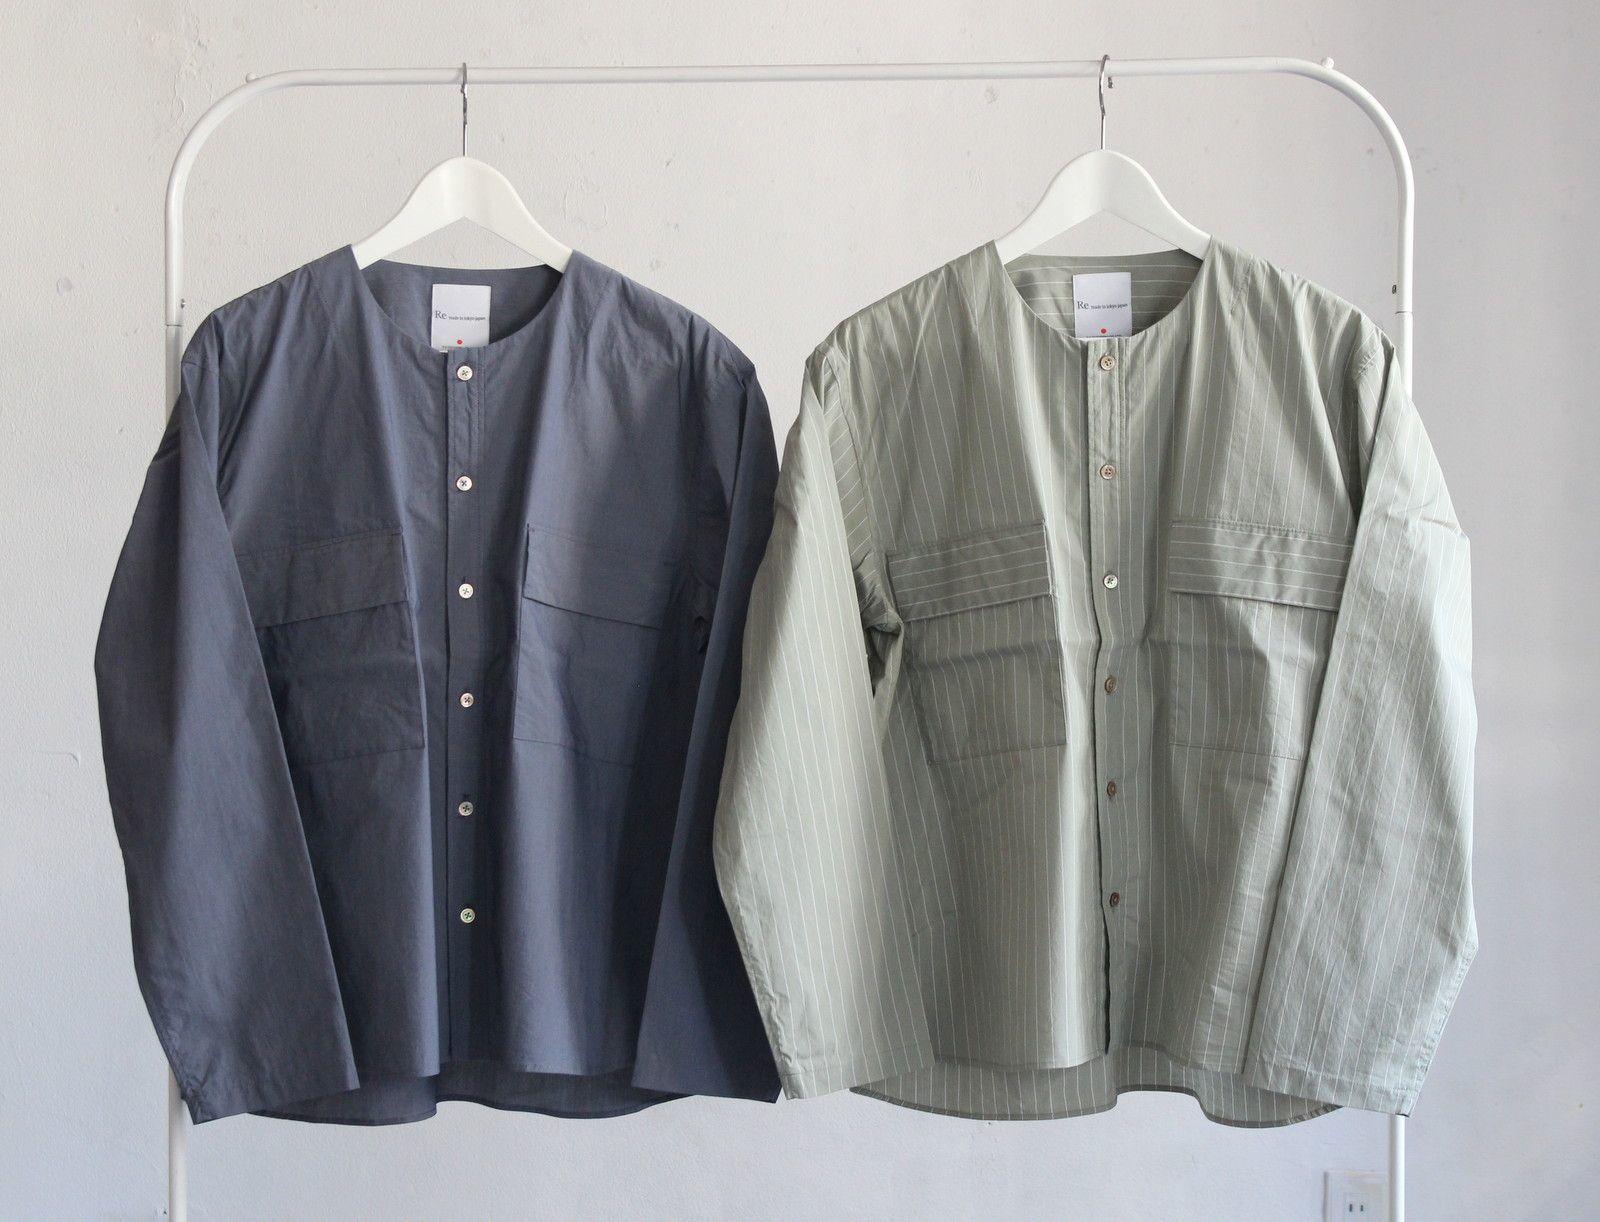 Cotton Nylon Broad Shirt Cardigan_c0379477_16414932.jpeg